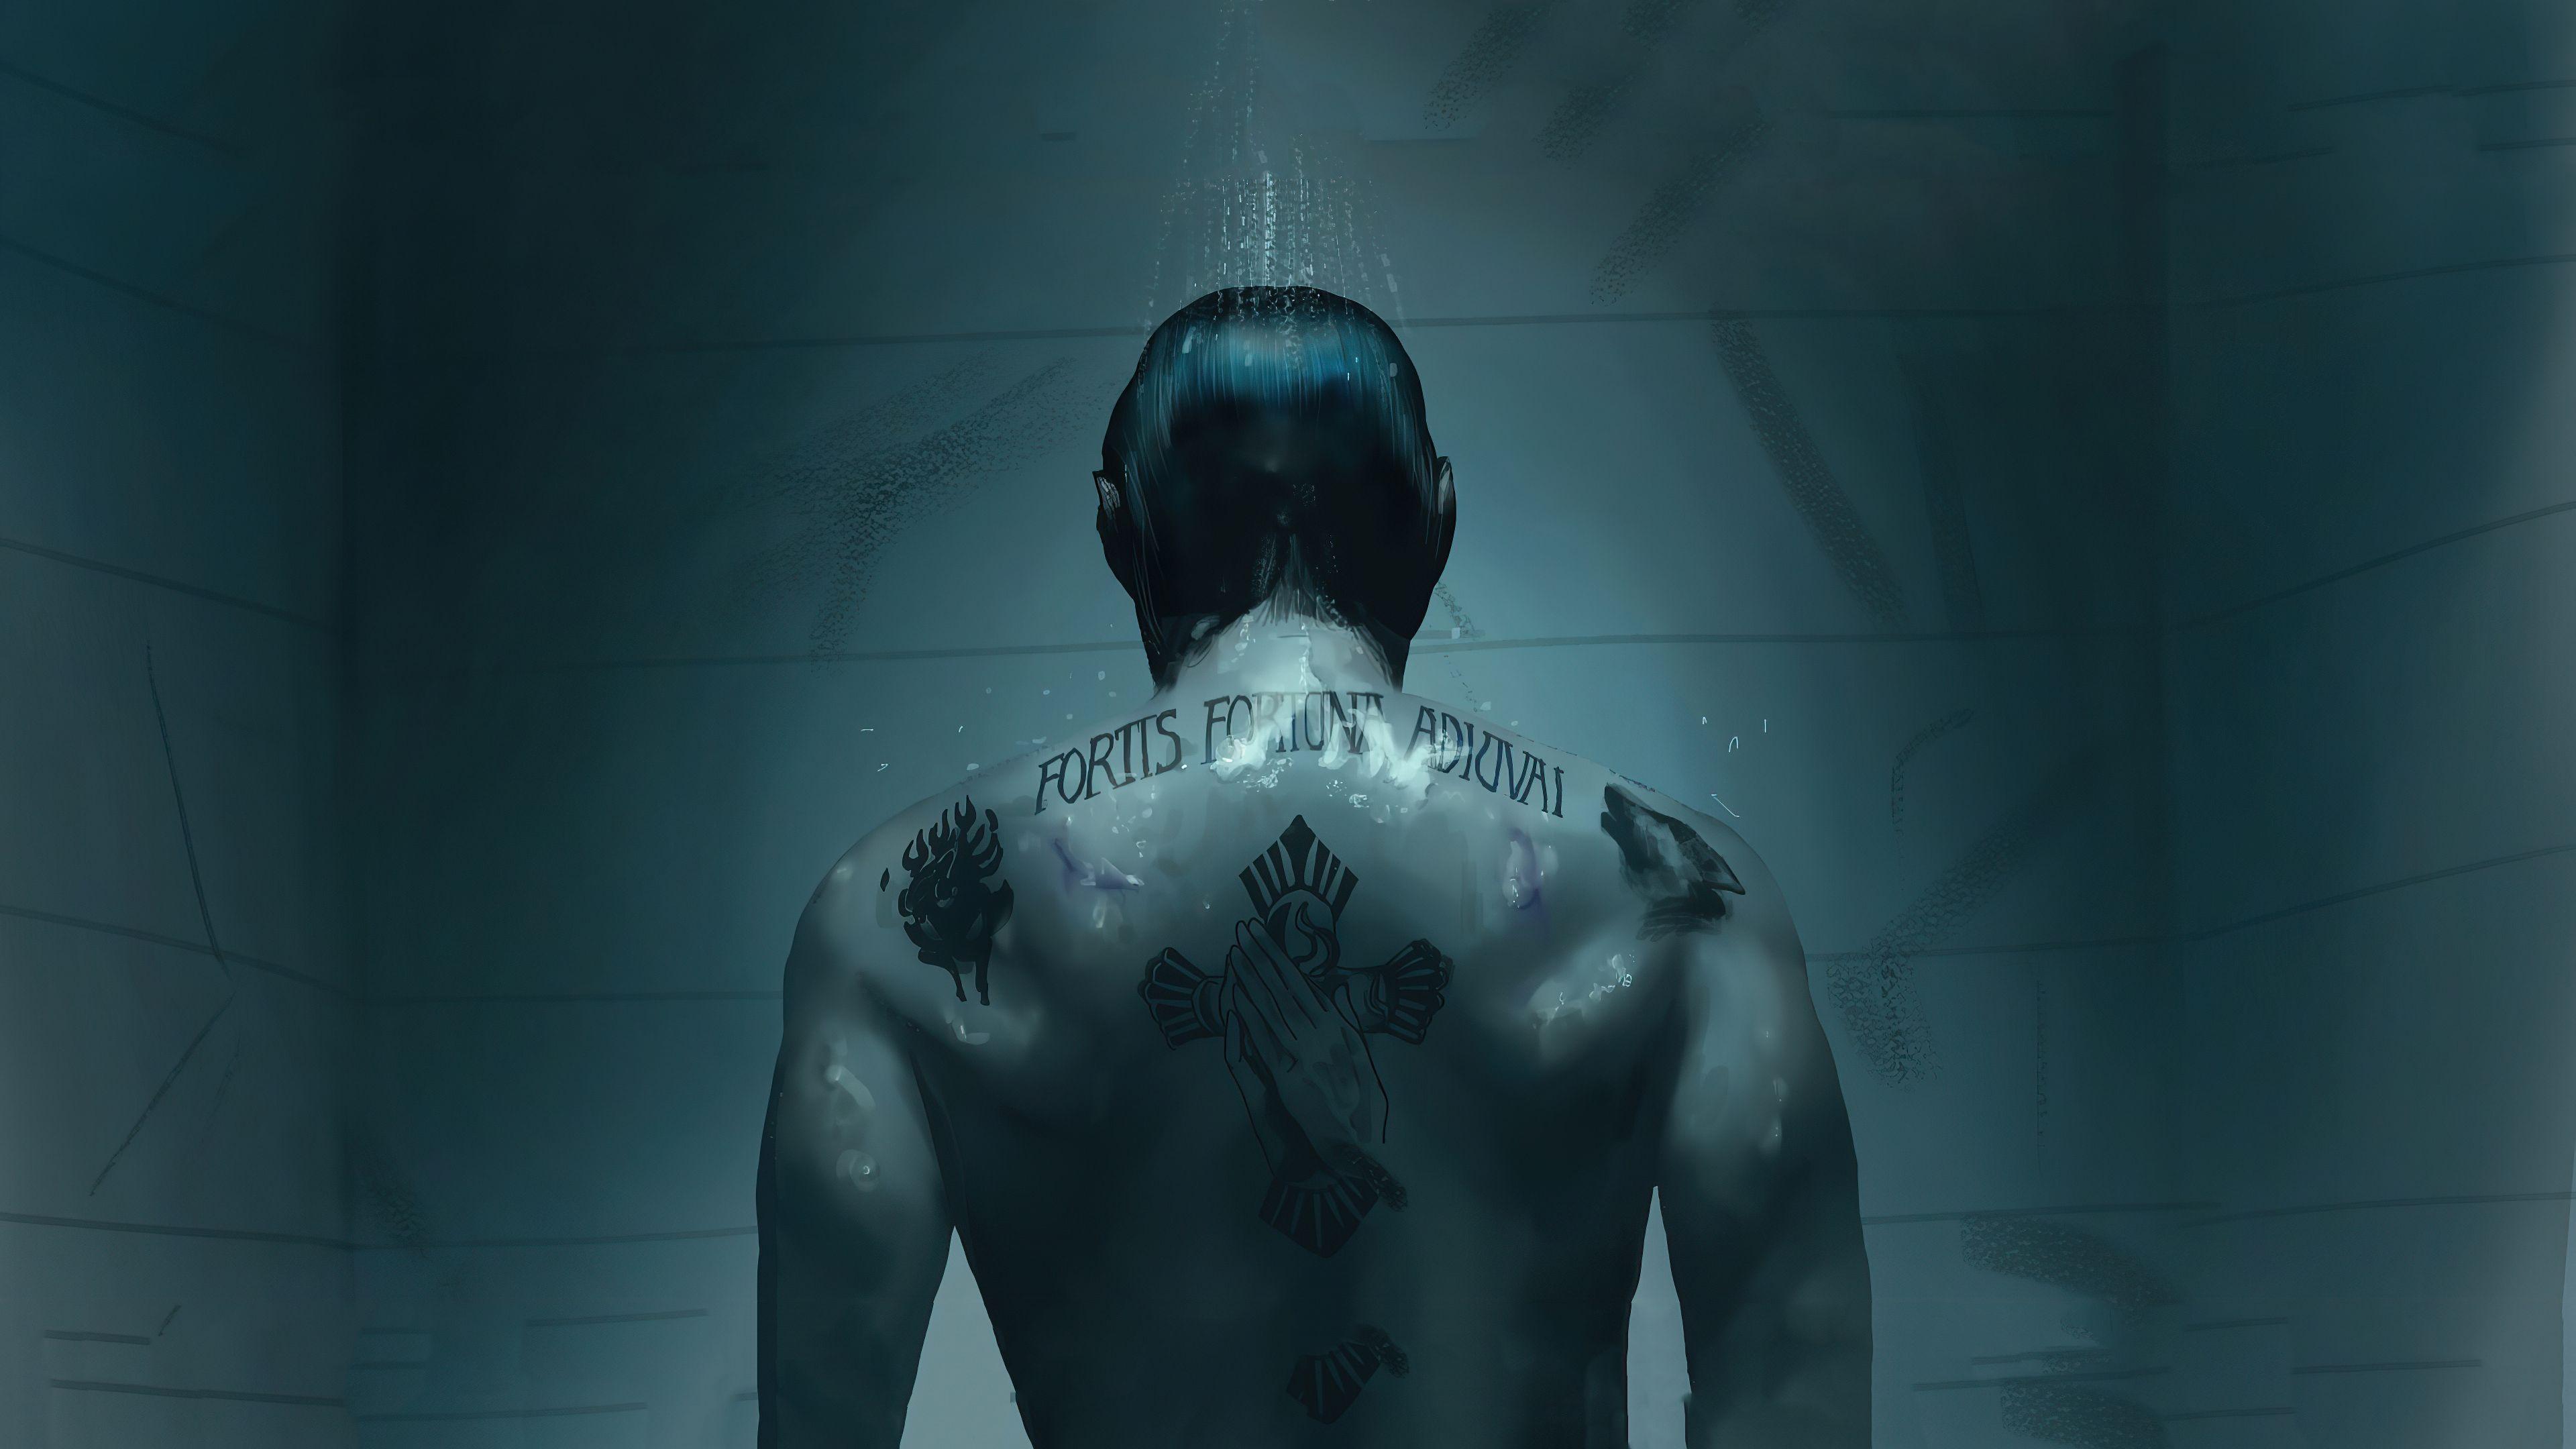 John Wick Tattoo John Wick Tattoo 4k Wallpapers John Wick Tattoo Keanu Reeves Wallpaper John wick tattoo wallpaper